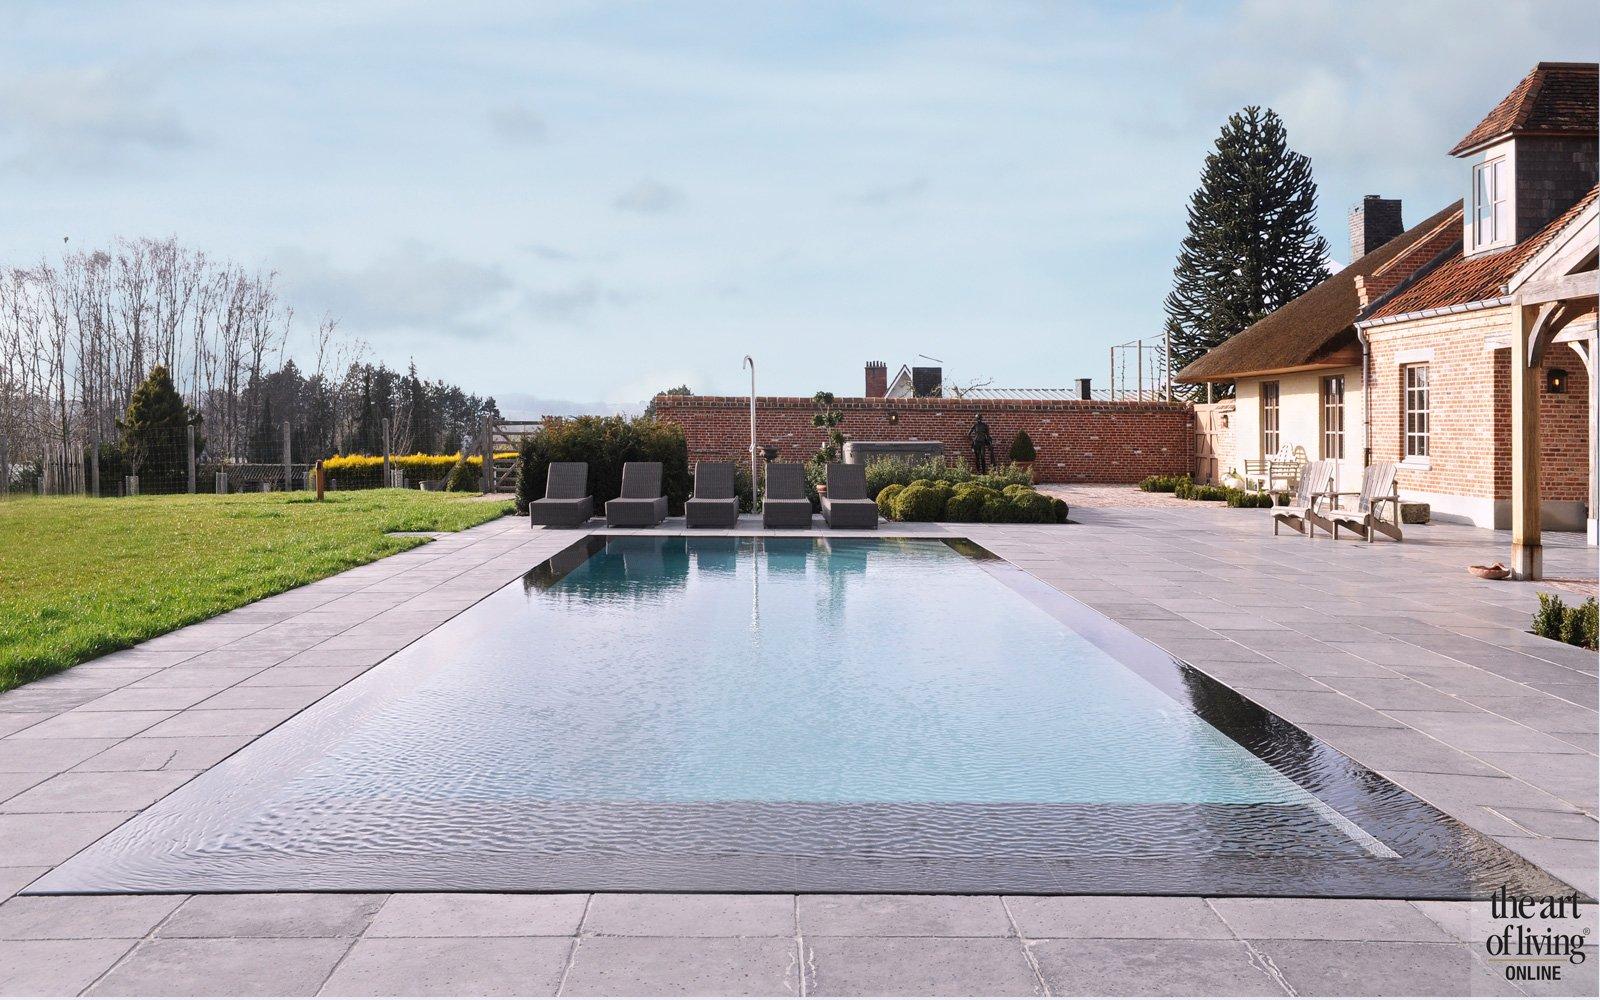 Zwembad door GR-Zwembaden, tuinarchitect Davy Crucke, aanleg en bestrating door Robby De Meulemeester